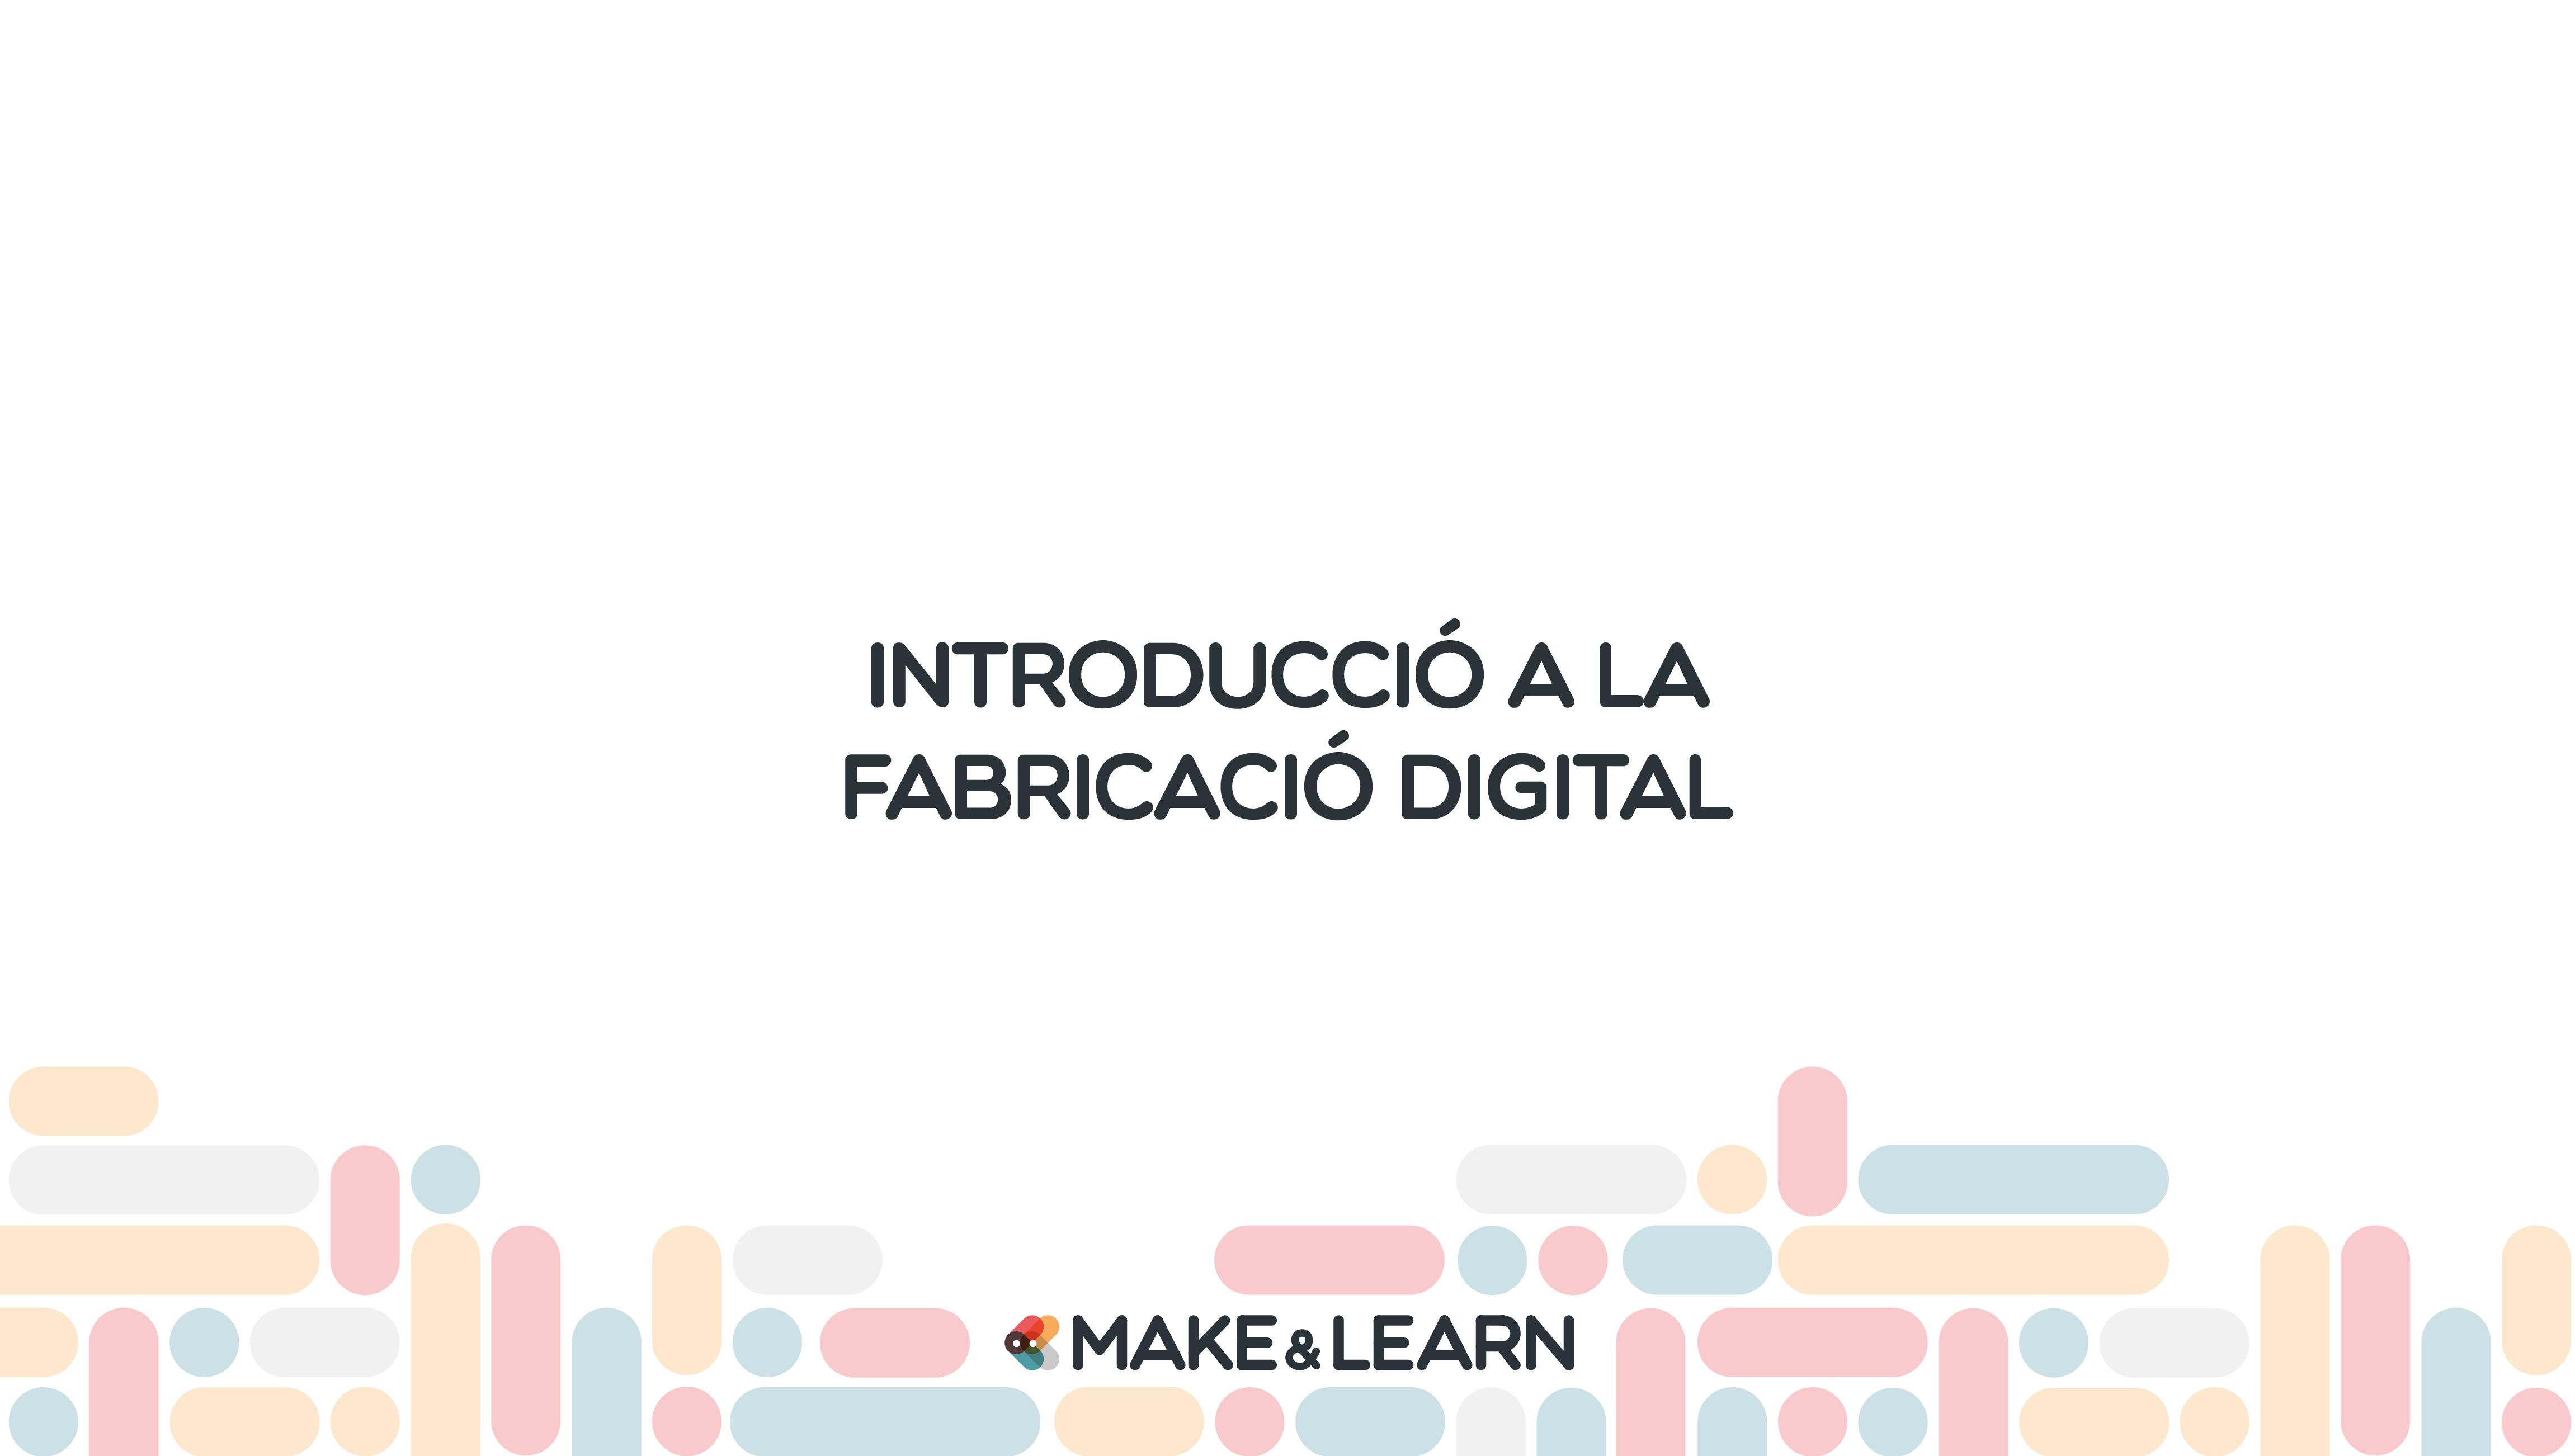 Introducció a la fabricació digital